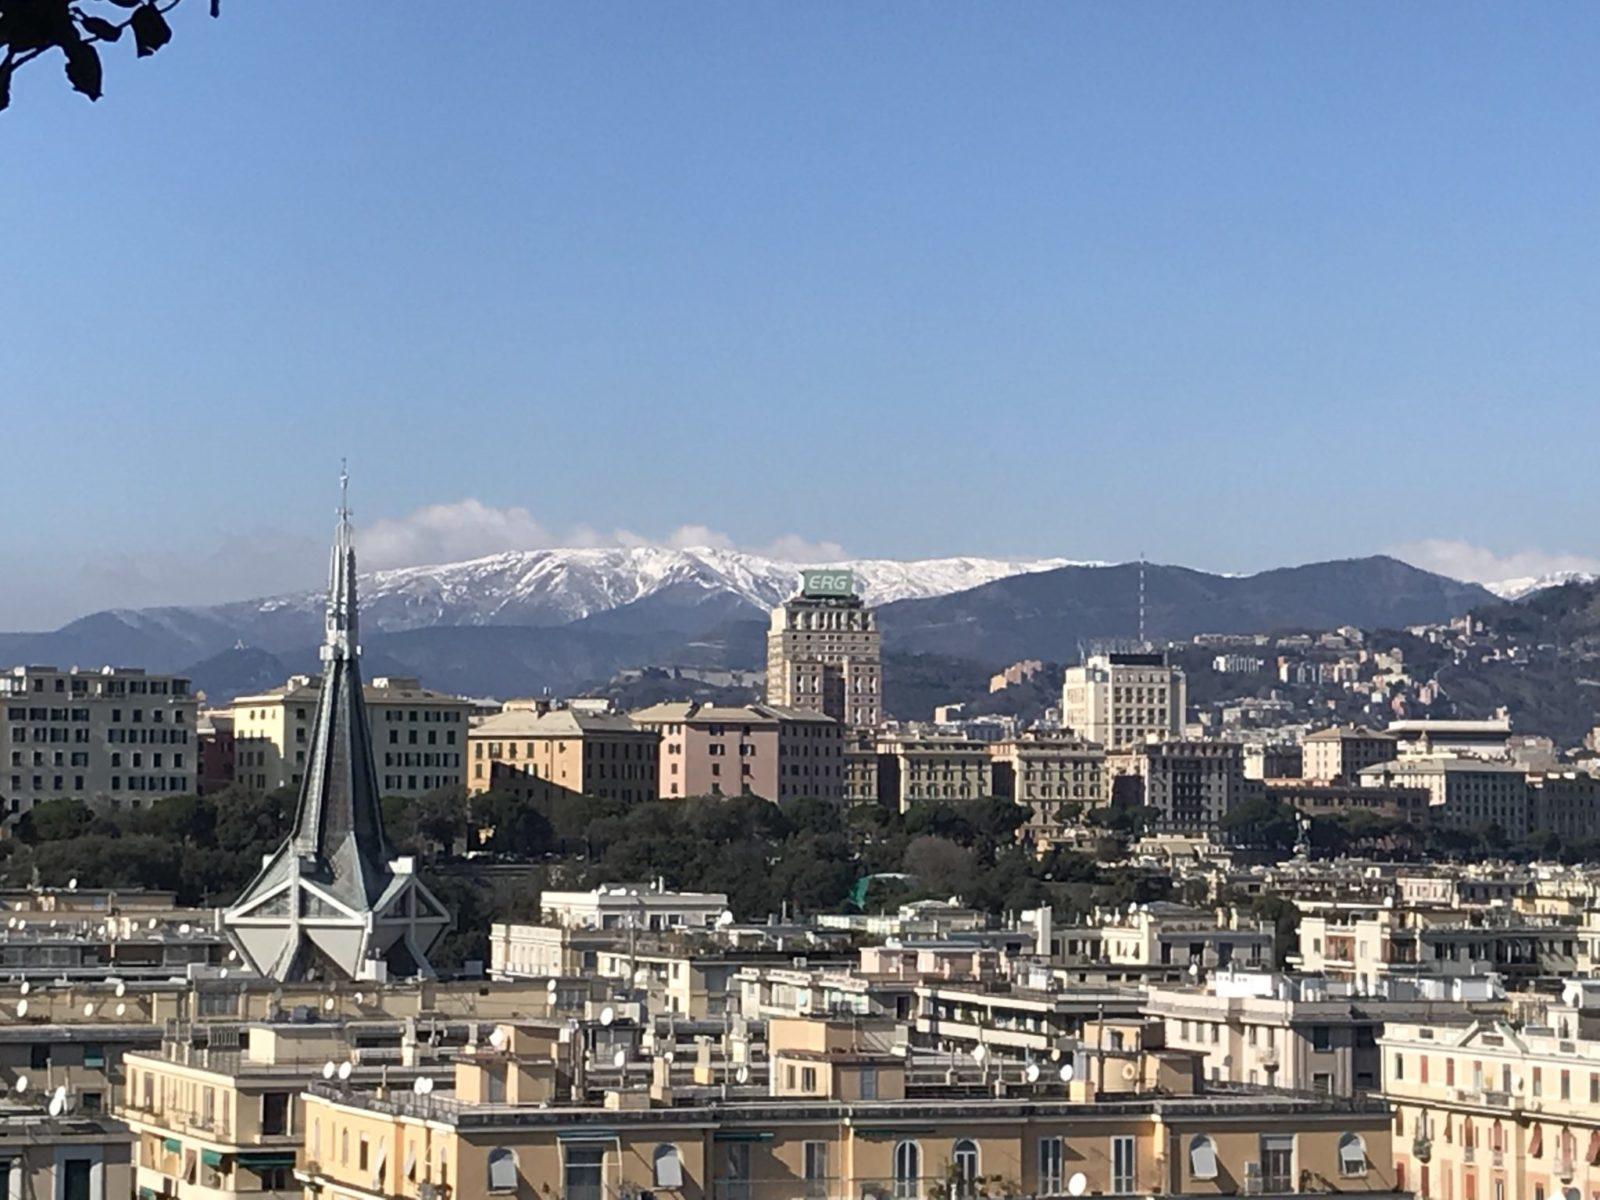 Fotografia di Vista de la Foce di Genova e più in là piazza Dante e sulla destra il teatro Carlo Felice. In fondo i monti innevati.